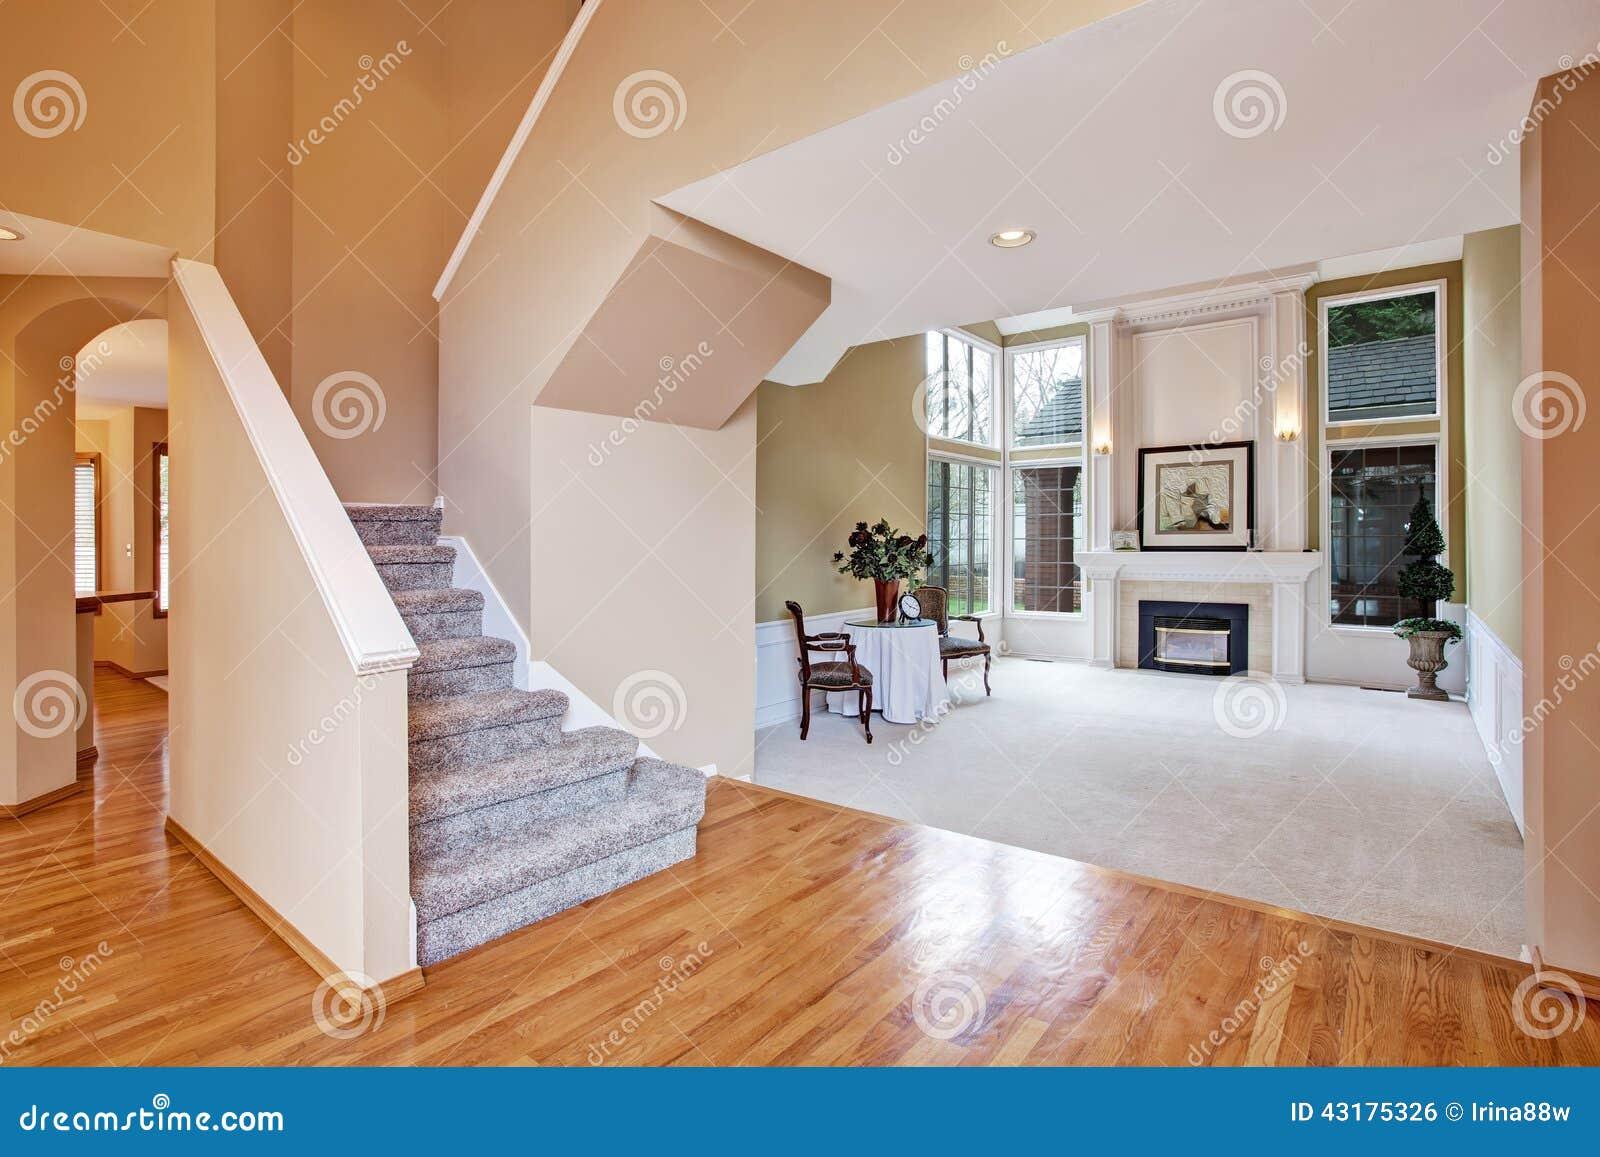 Interieur maison de luxe salon for Interieur luxe maison